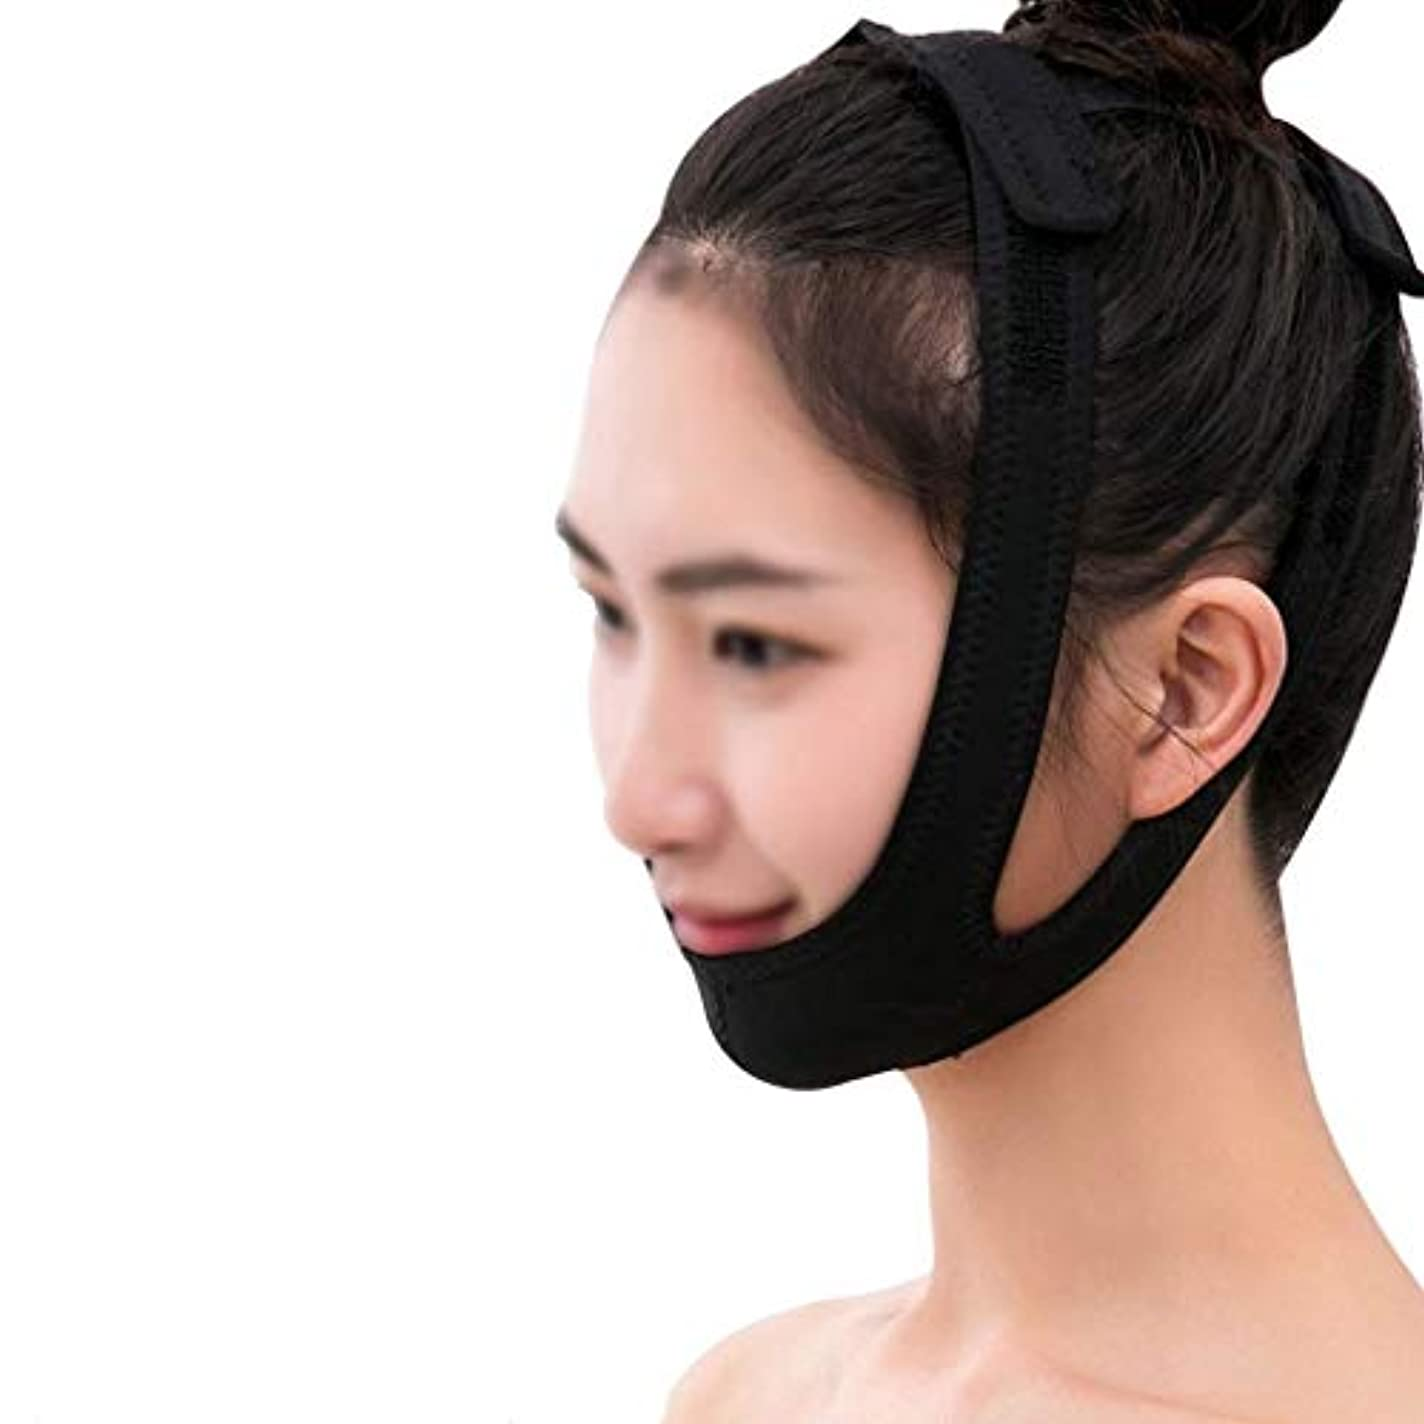 請願者懲らしめ主張するフェイスリフティング包帯、術後の顔の回復包帯リフティングスキンアーティファクトアンチシワ薄い二重あご包帯